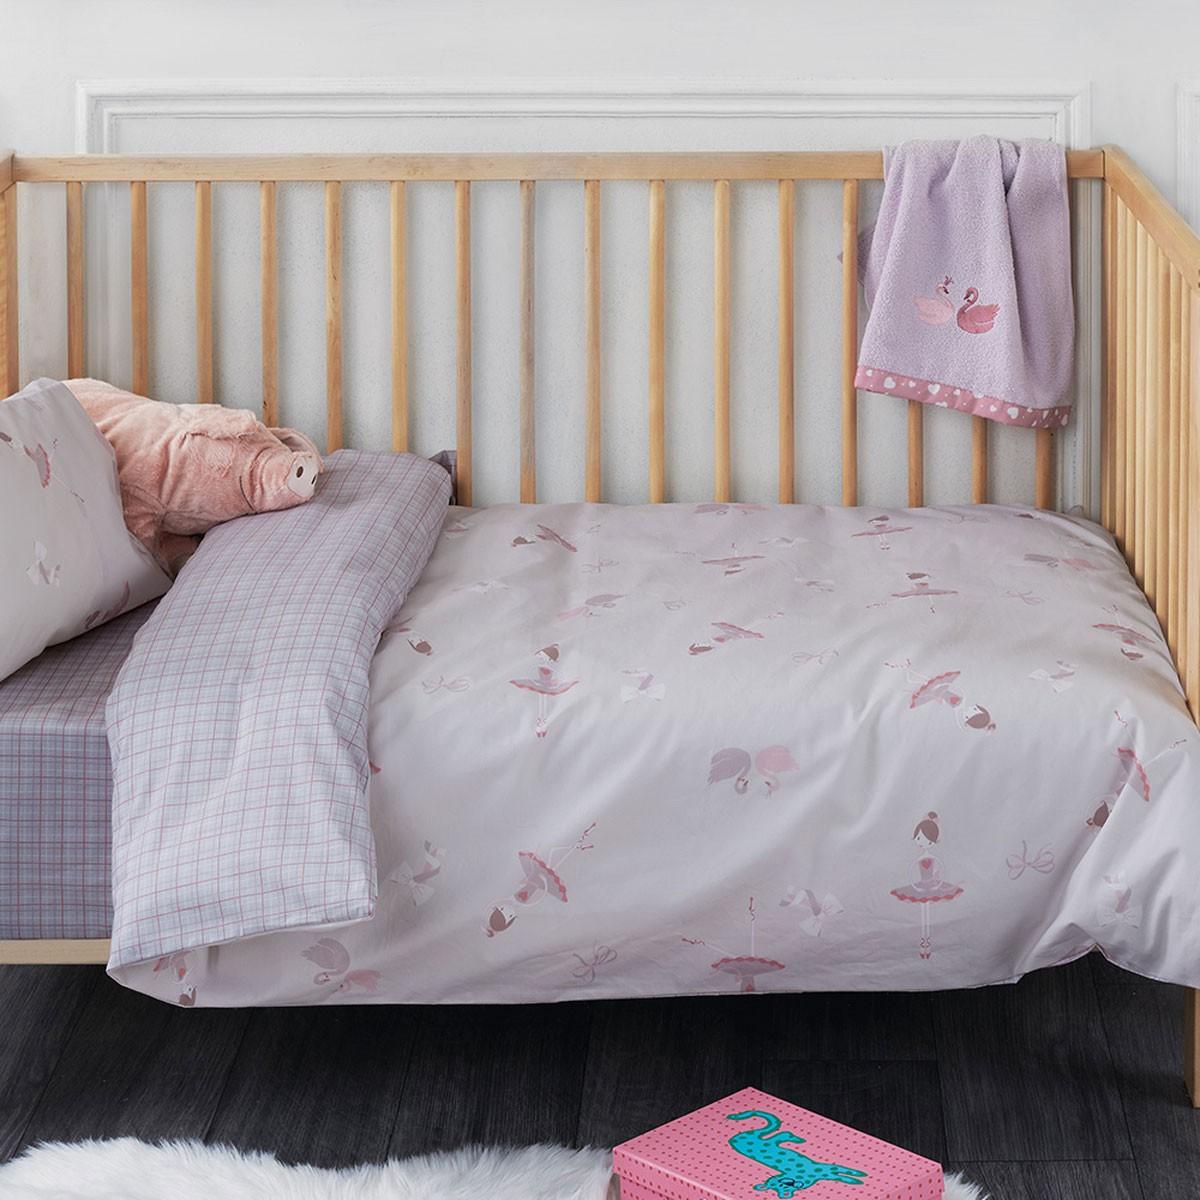 Παπλωματοθήκη Κούνιας (Σετ) Kentia Baby Tutu